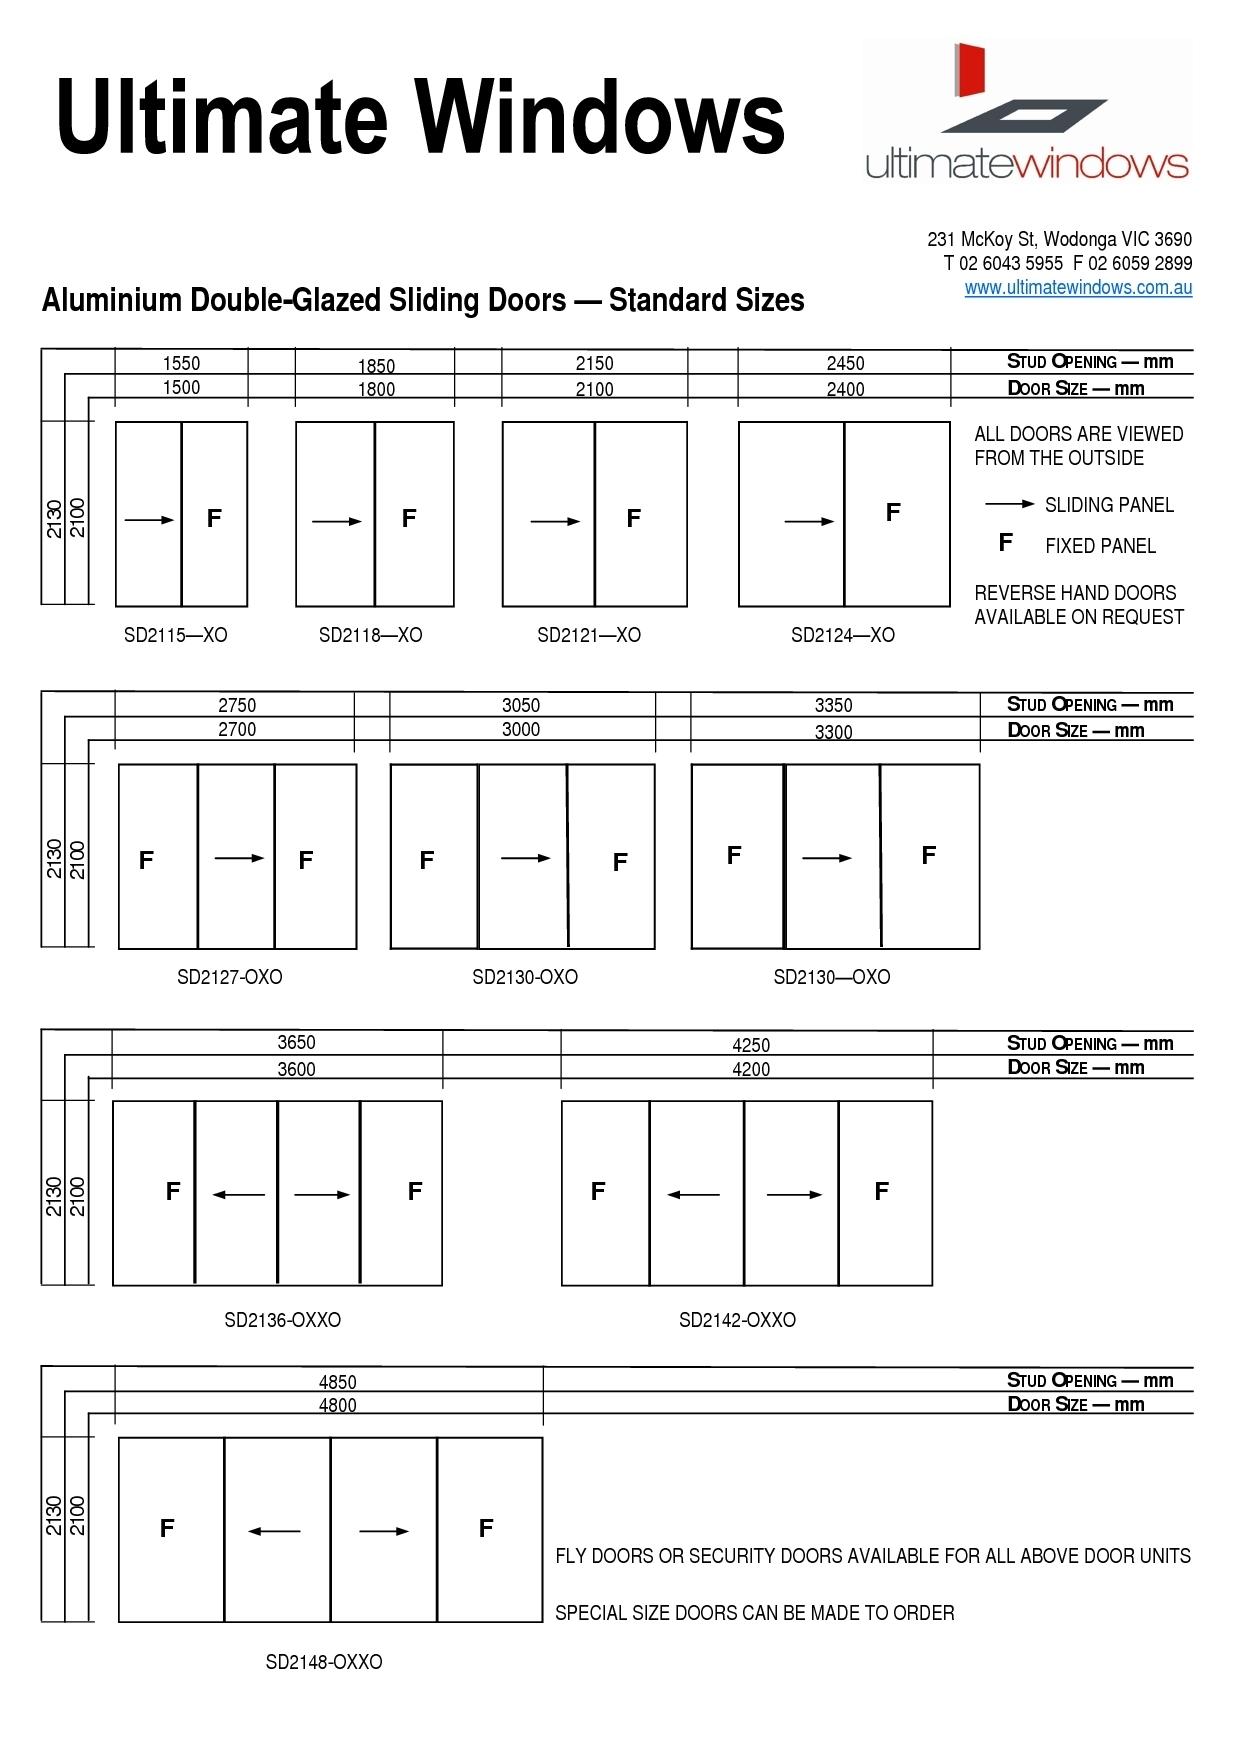 Standard Size Sliding Glass DoorsStandard Size Sliding Glass Doors